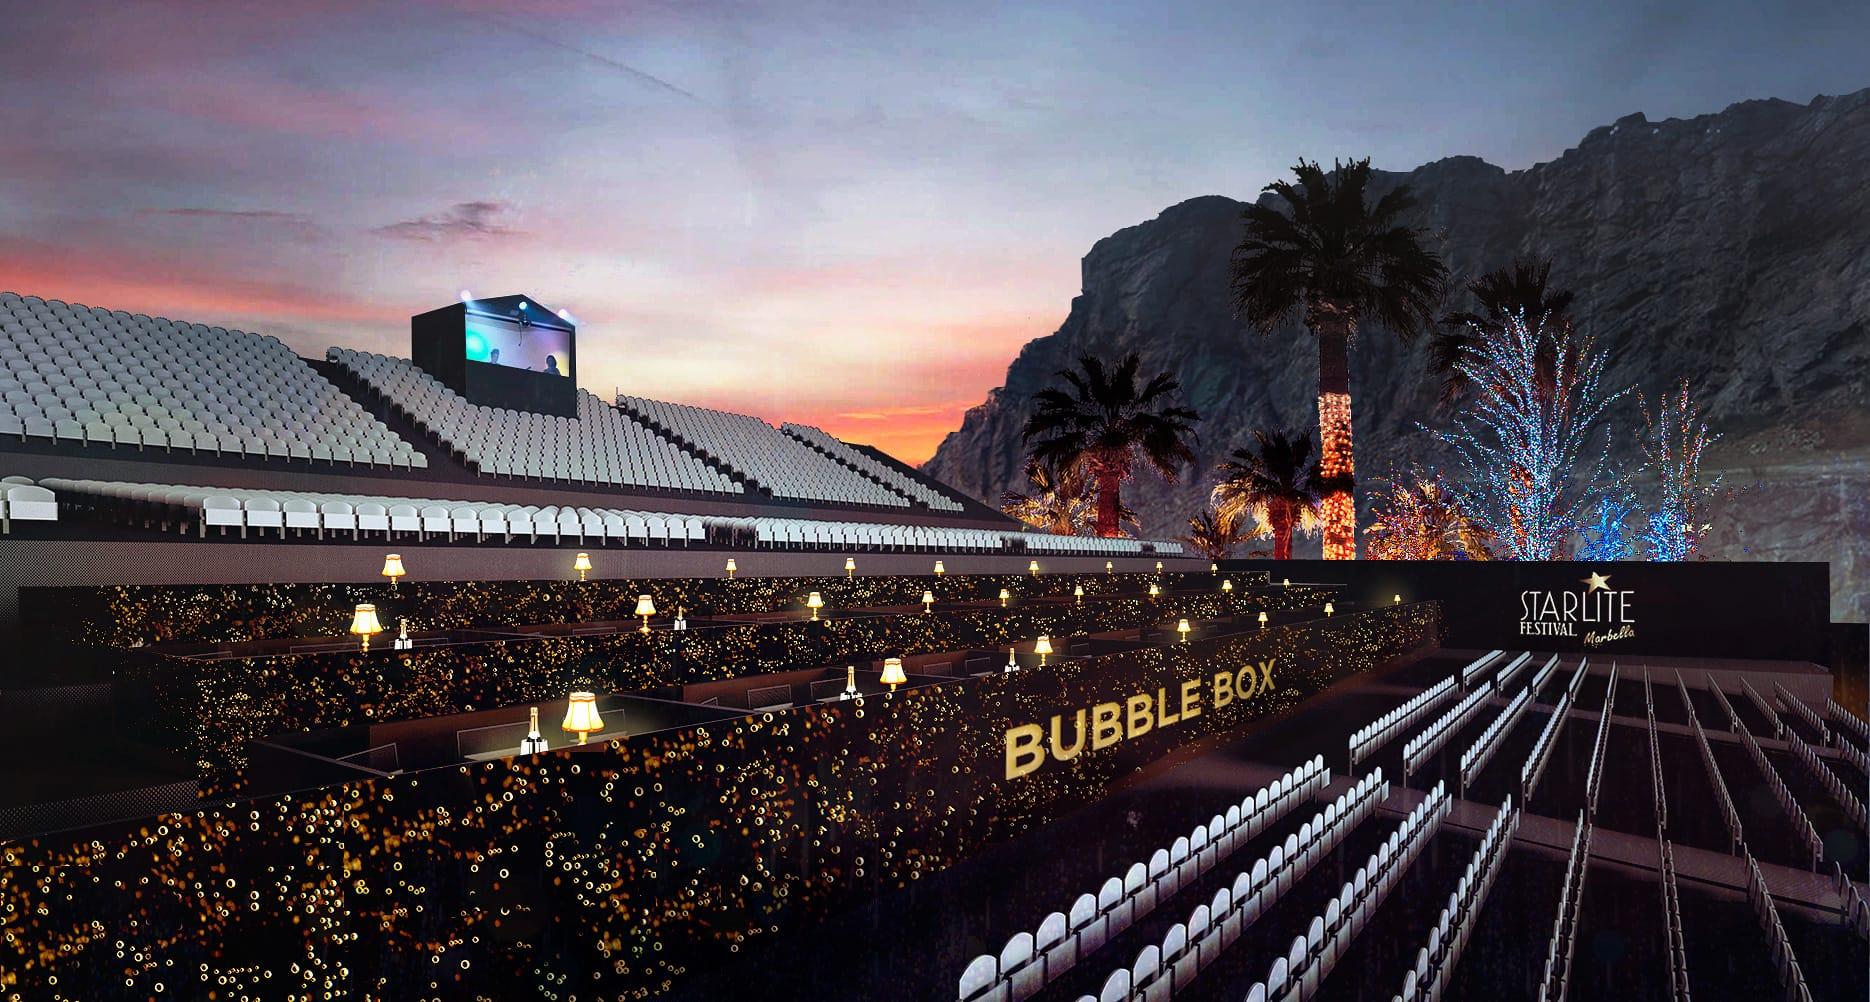 Starlite Marbella Festival